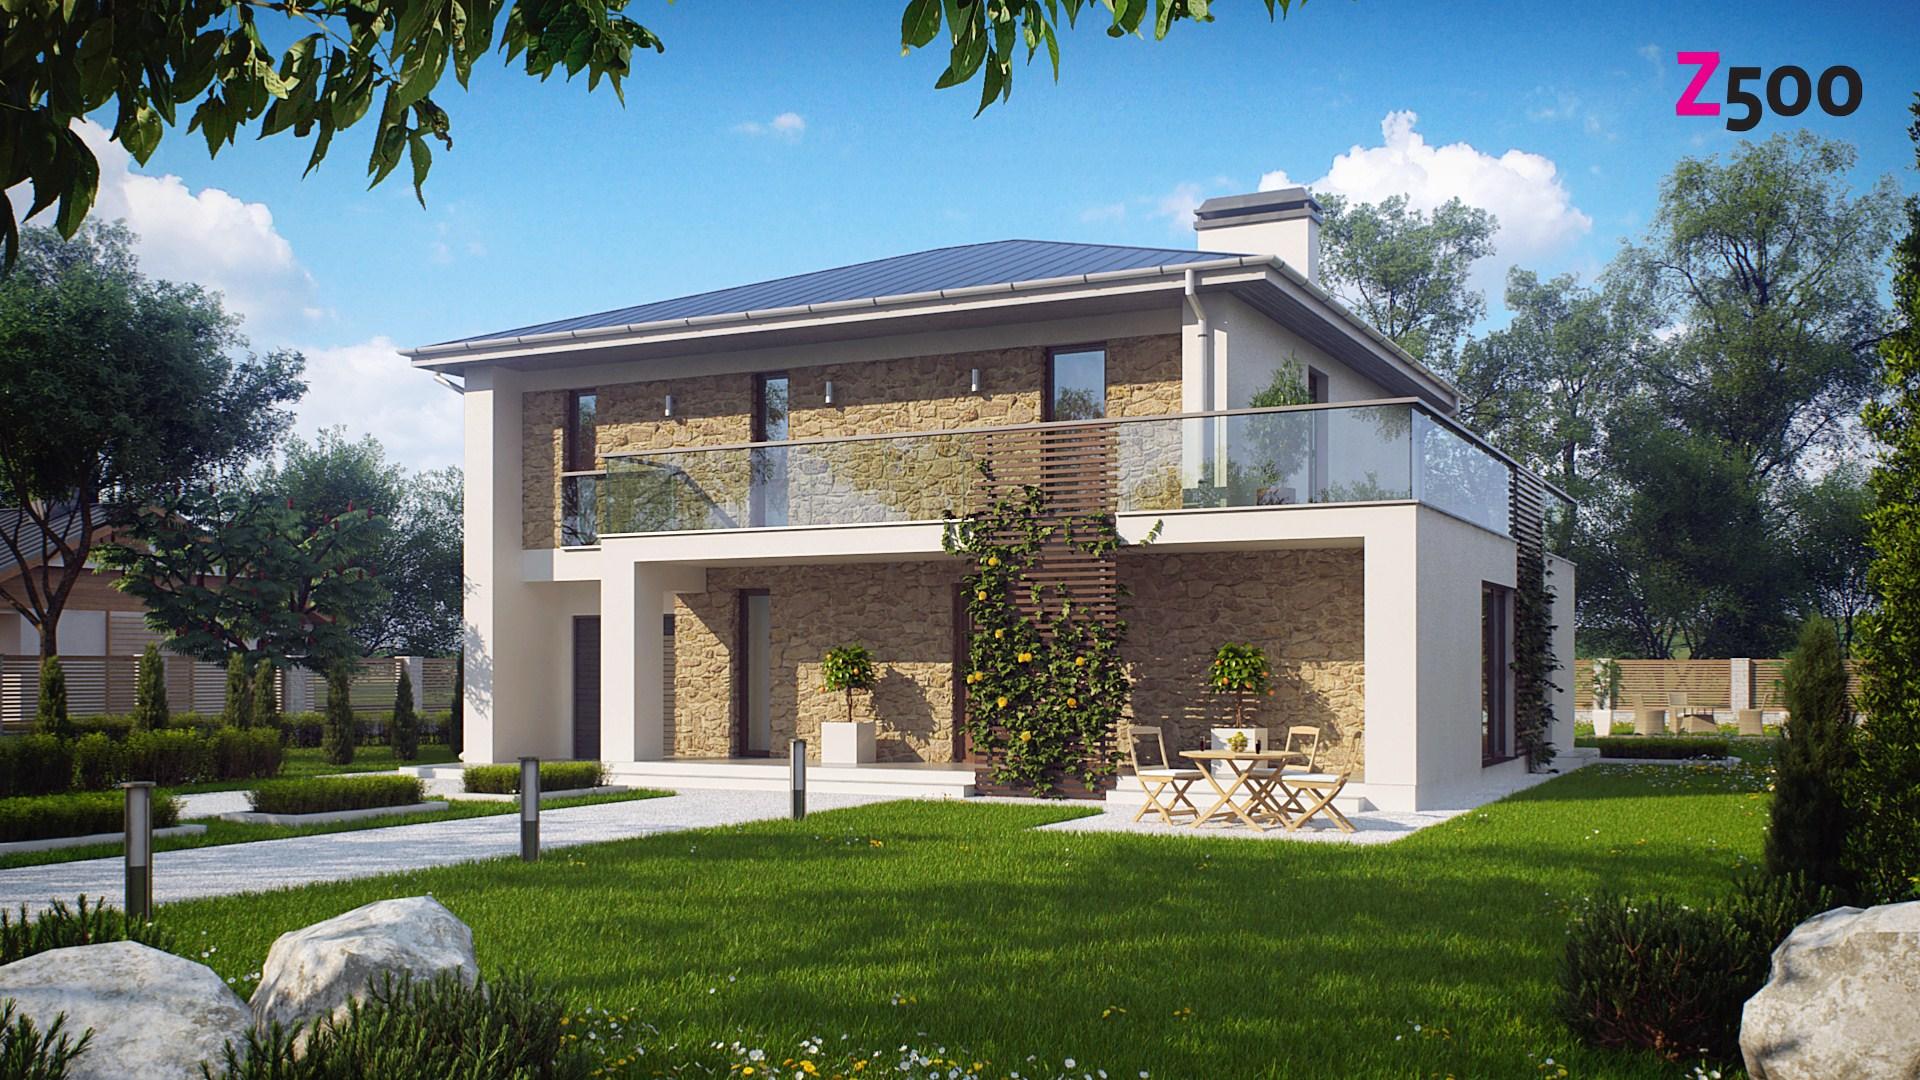 проект дома Zx55